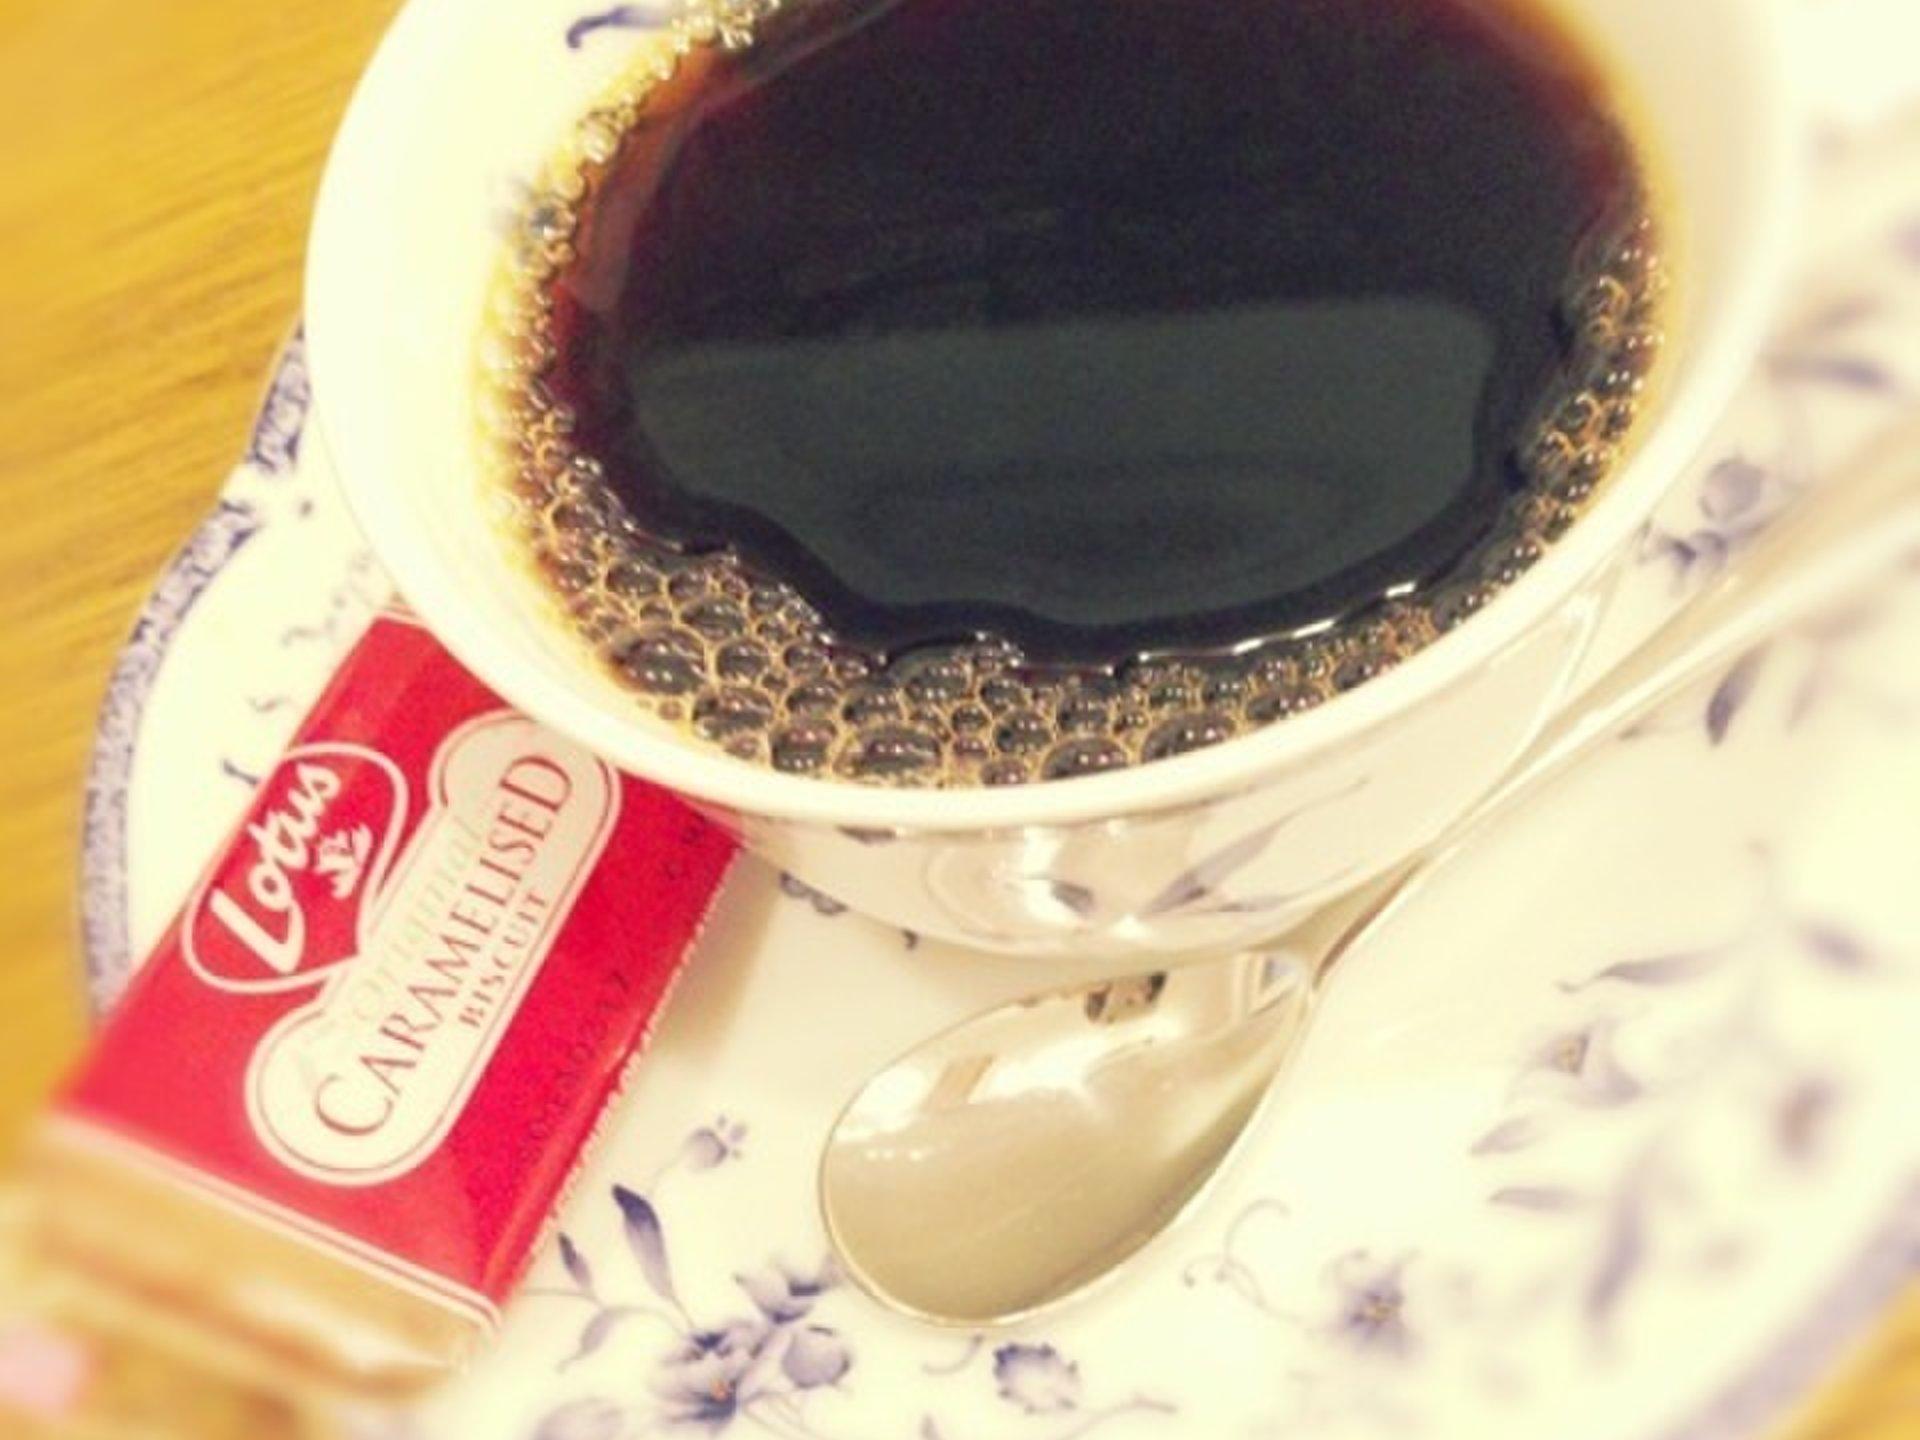 高田馬場、コーヒー料金だけで、預言が聞けるカフェ「予言カフェ」から「俺のハンバーグ山本」へ